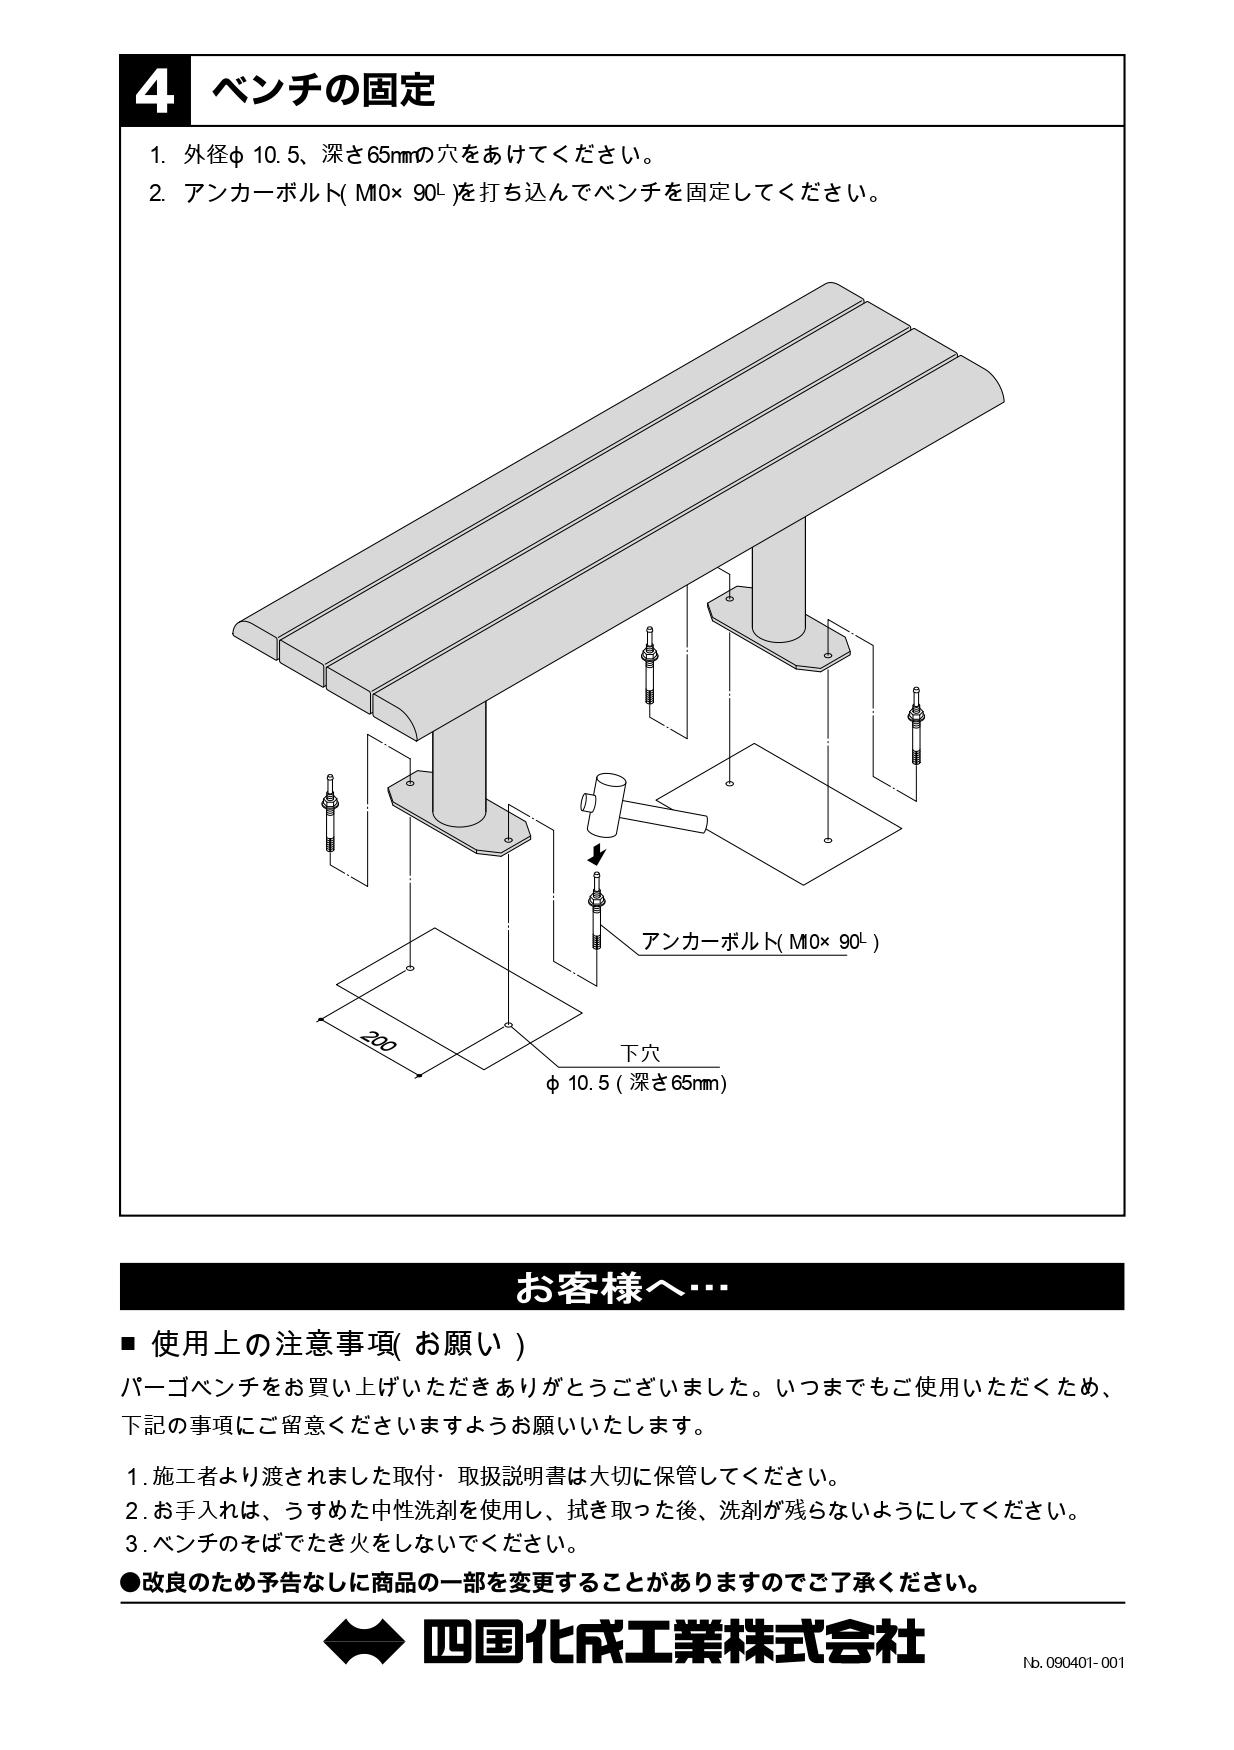 パーゴベンチ 施工説明書_page-0004